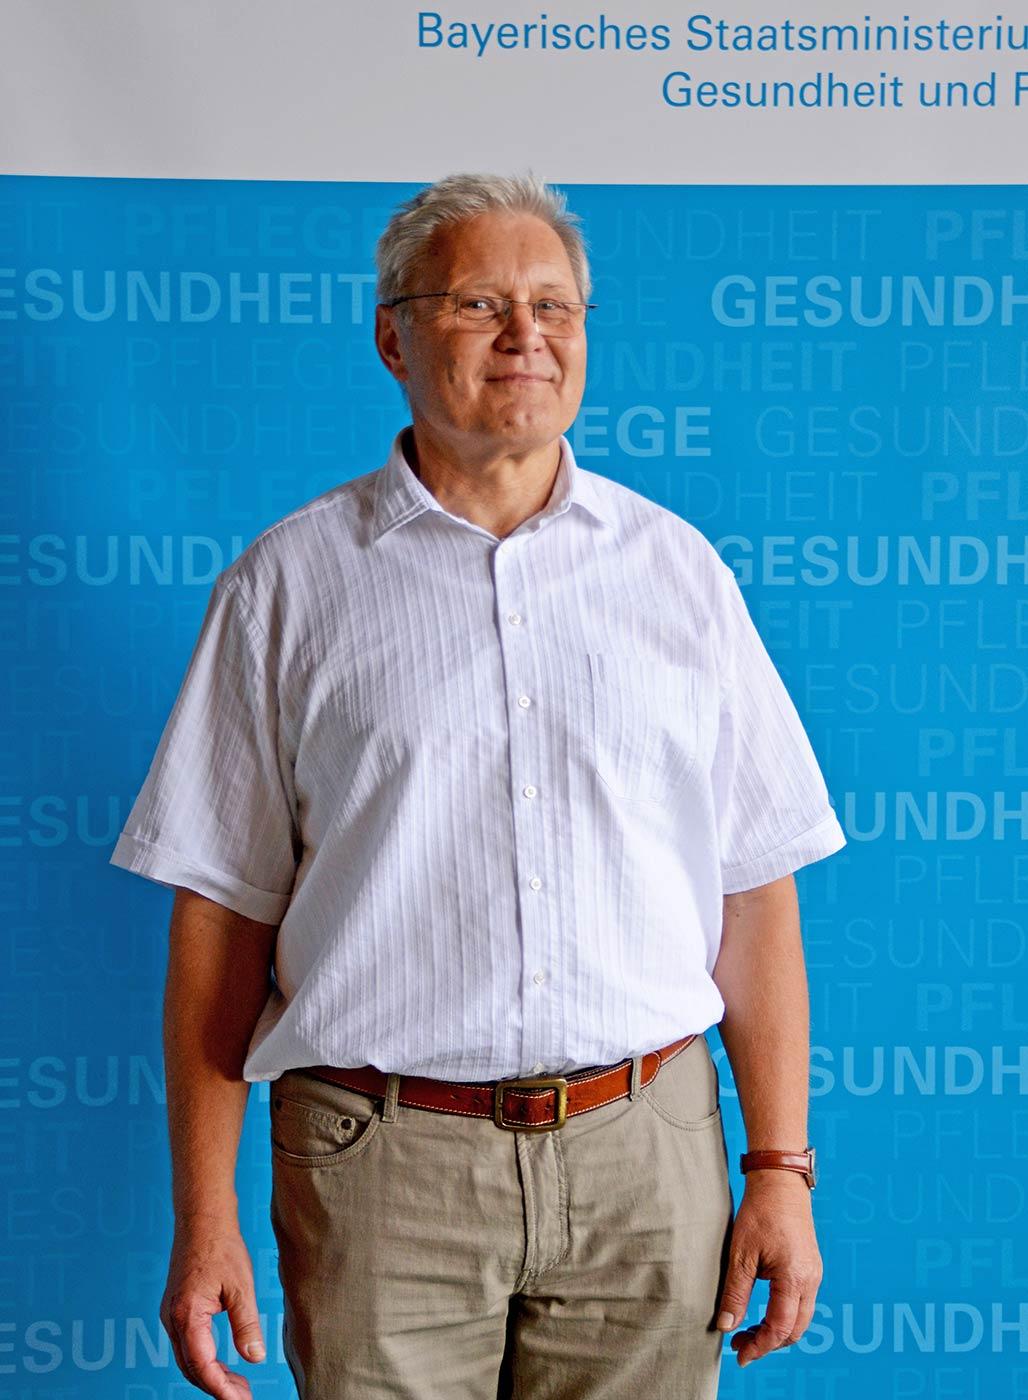 Dr. Wolfram Kress, Mitglied der Bayerischen Ethikkommission für Präimplantationsdiagnostik